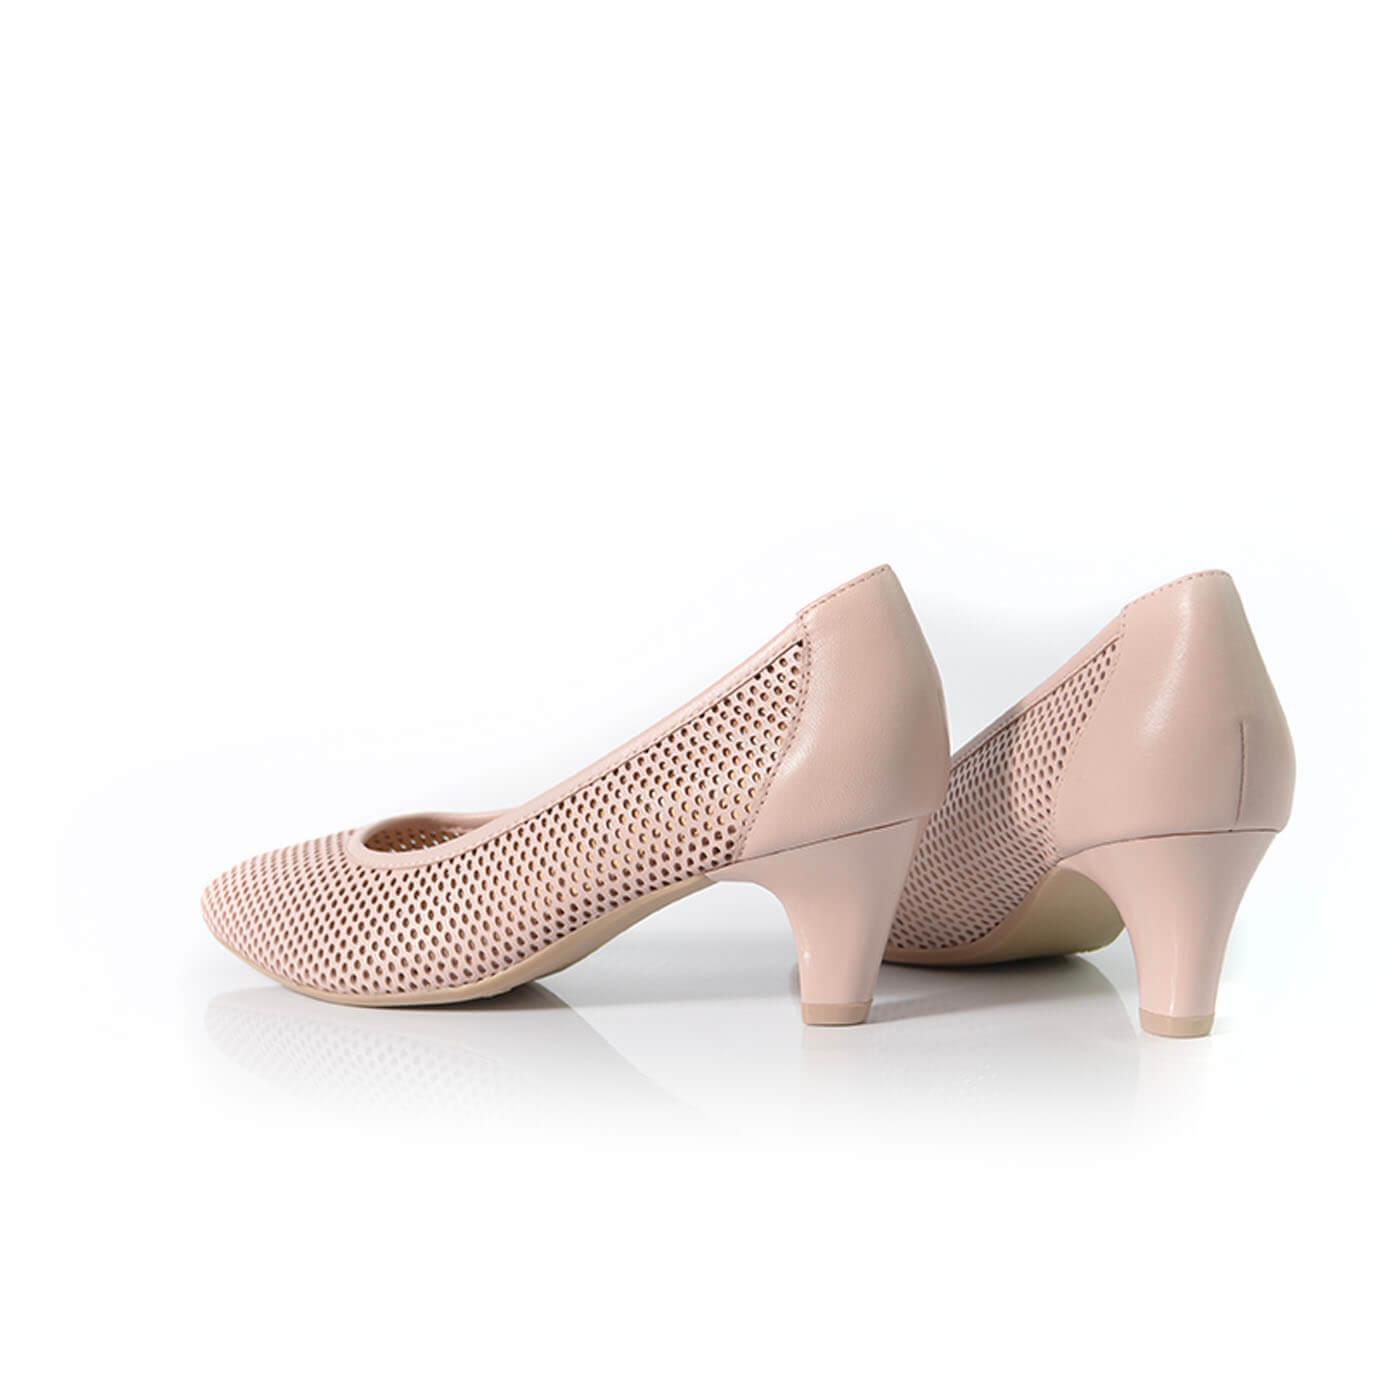 noua versiune mărci de top cea mai fină selecție Pantofi dama caprice